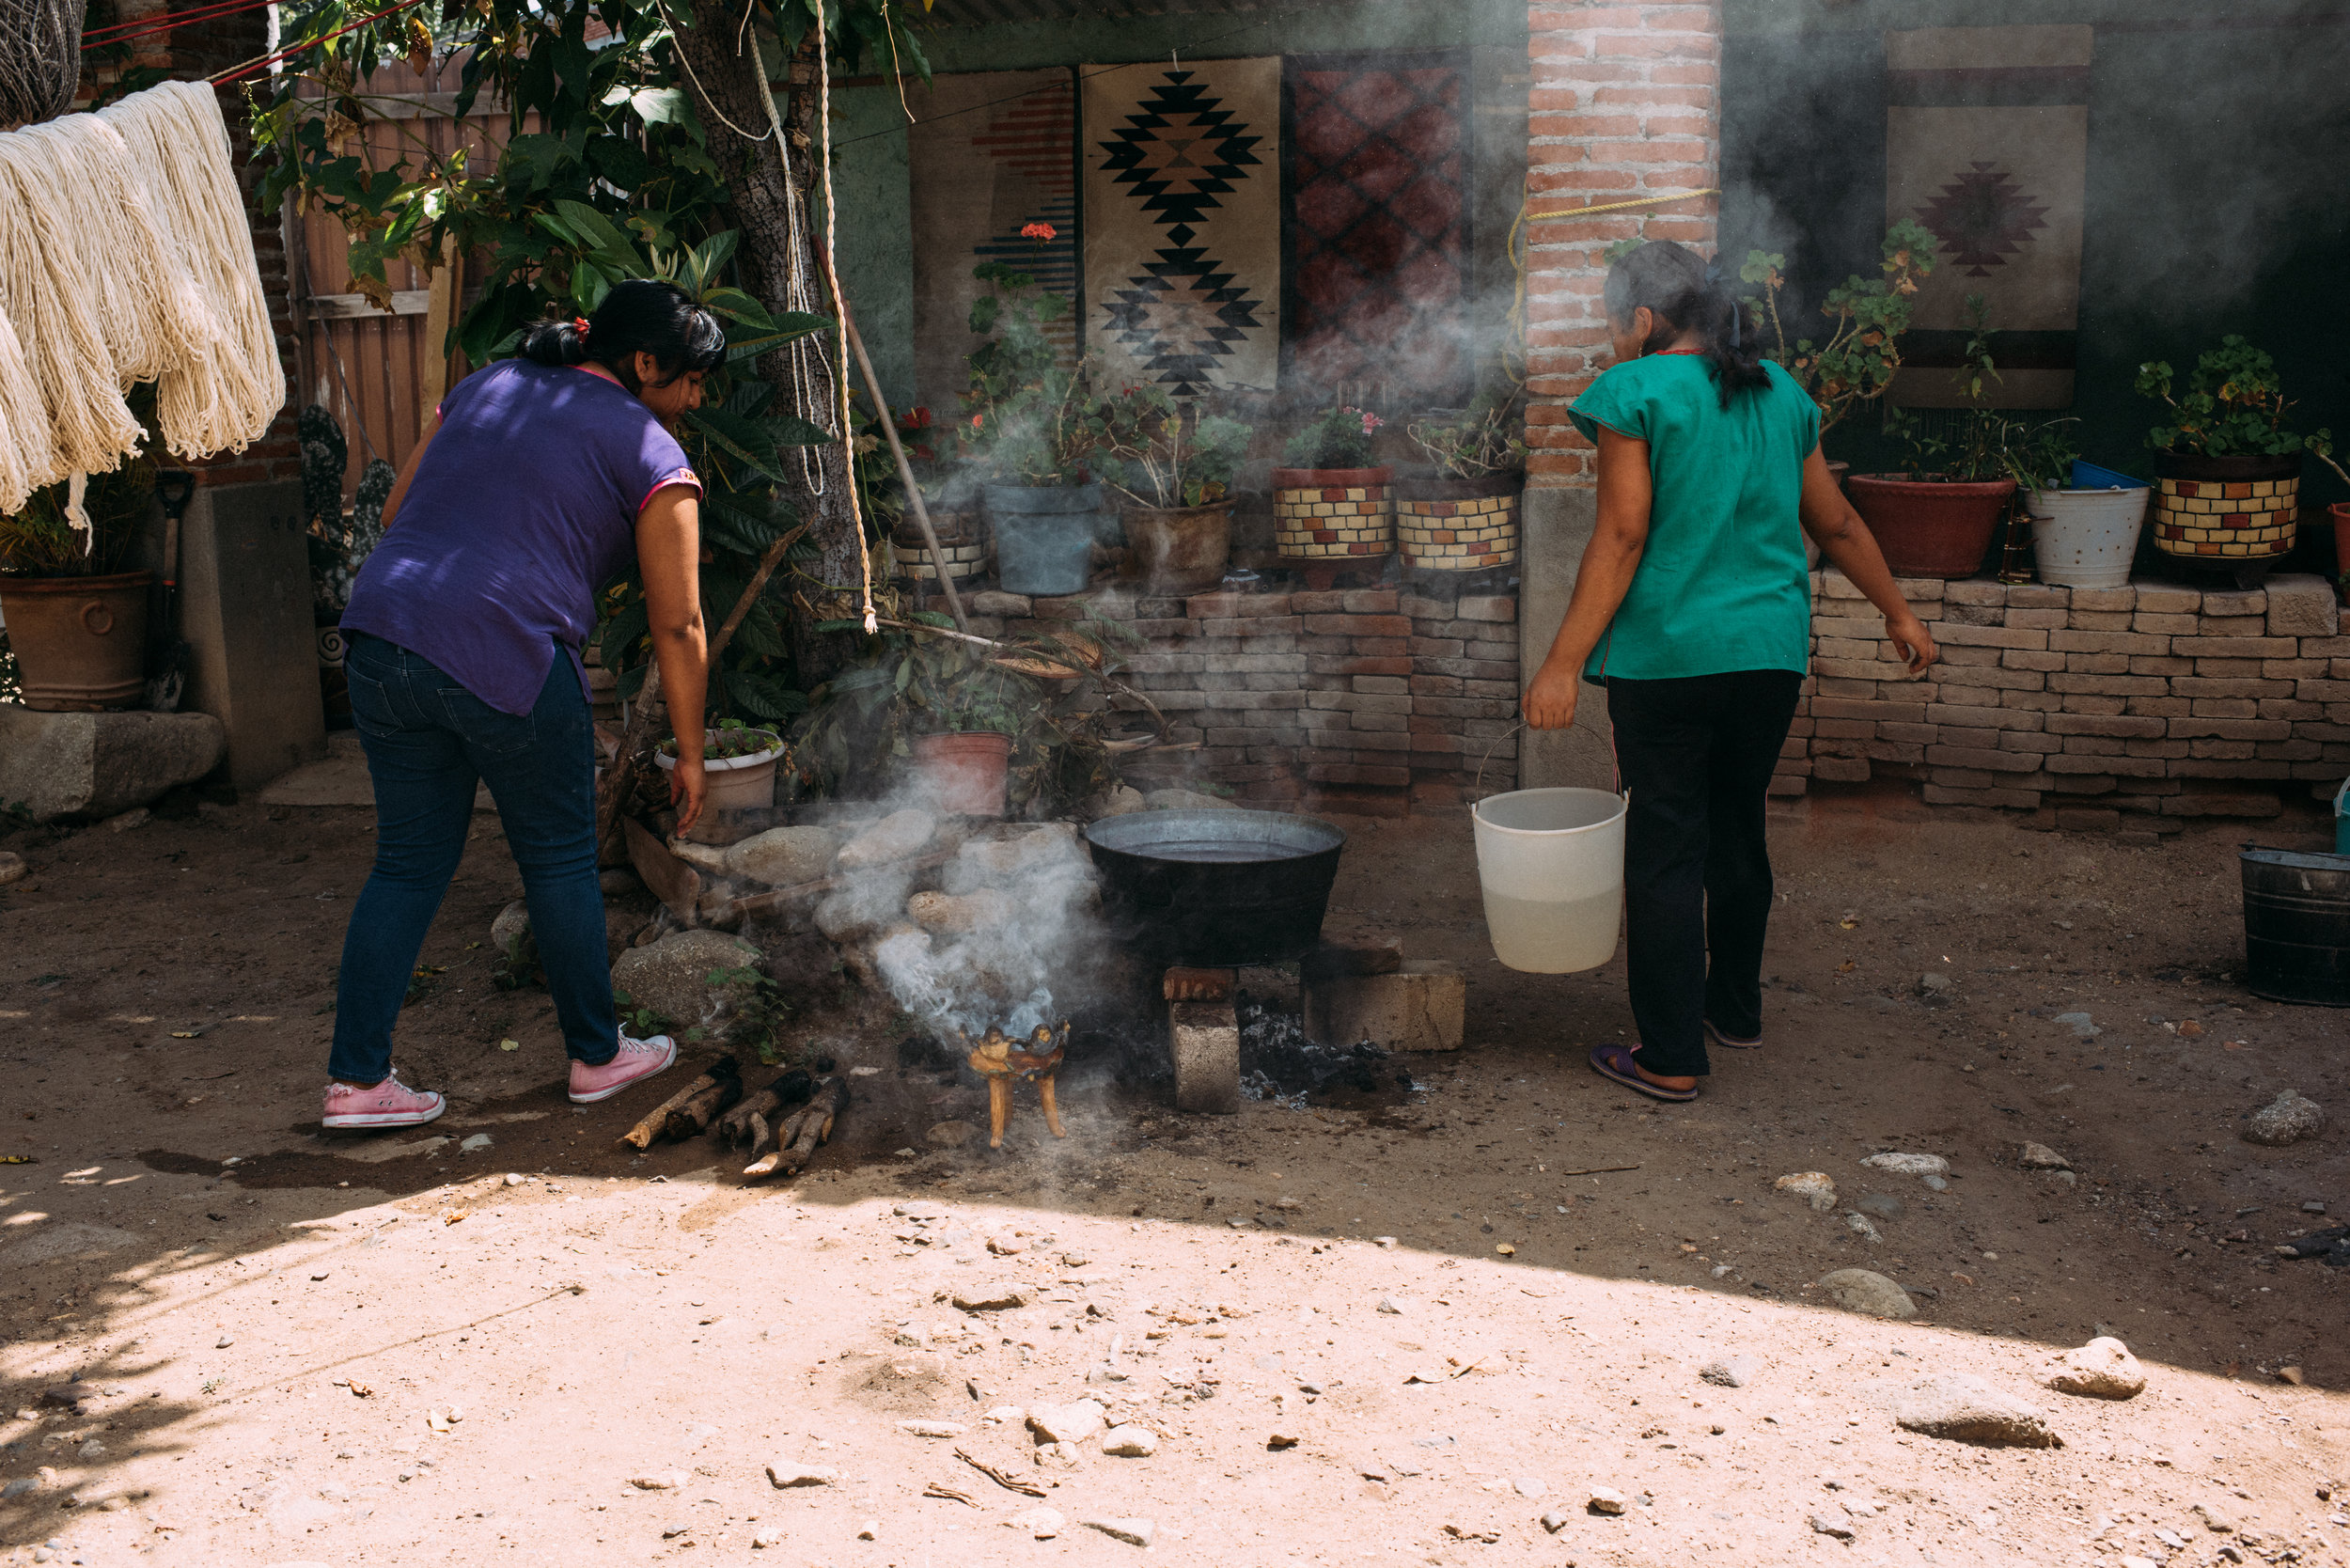 180627_Oaxaca_DustinFranz_Color_344.jpg